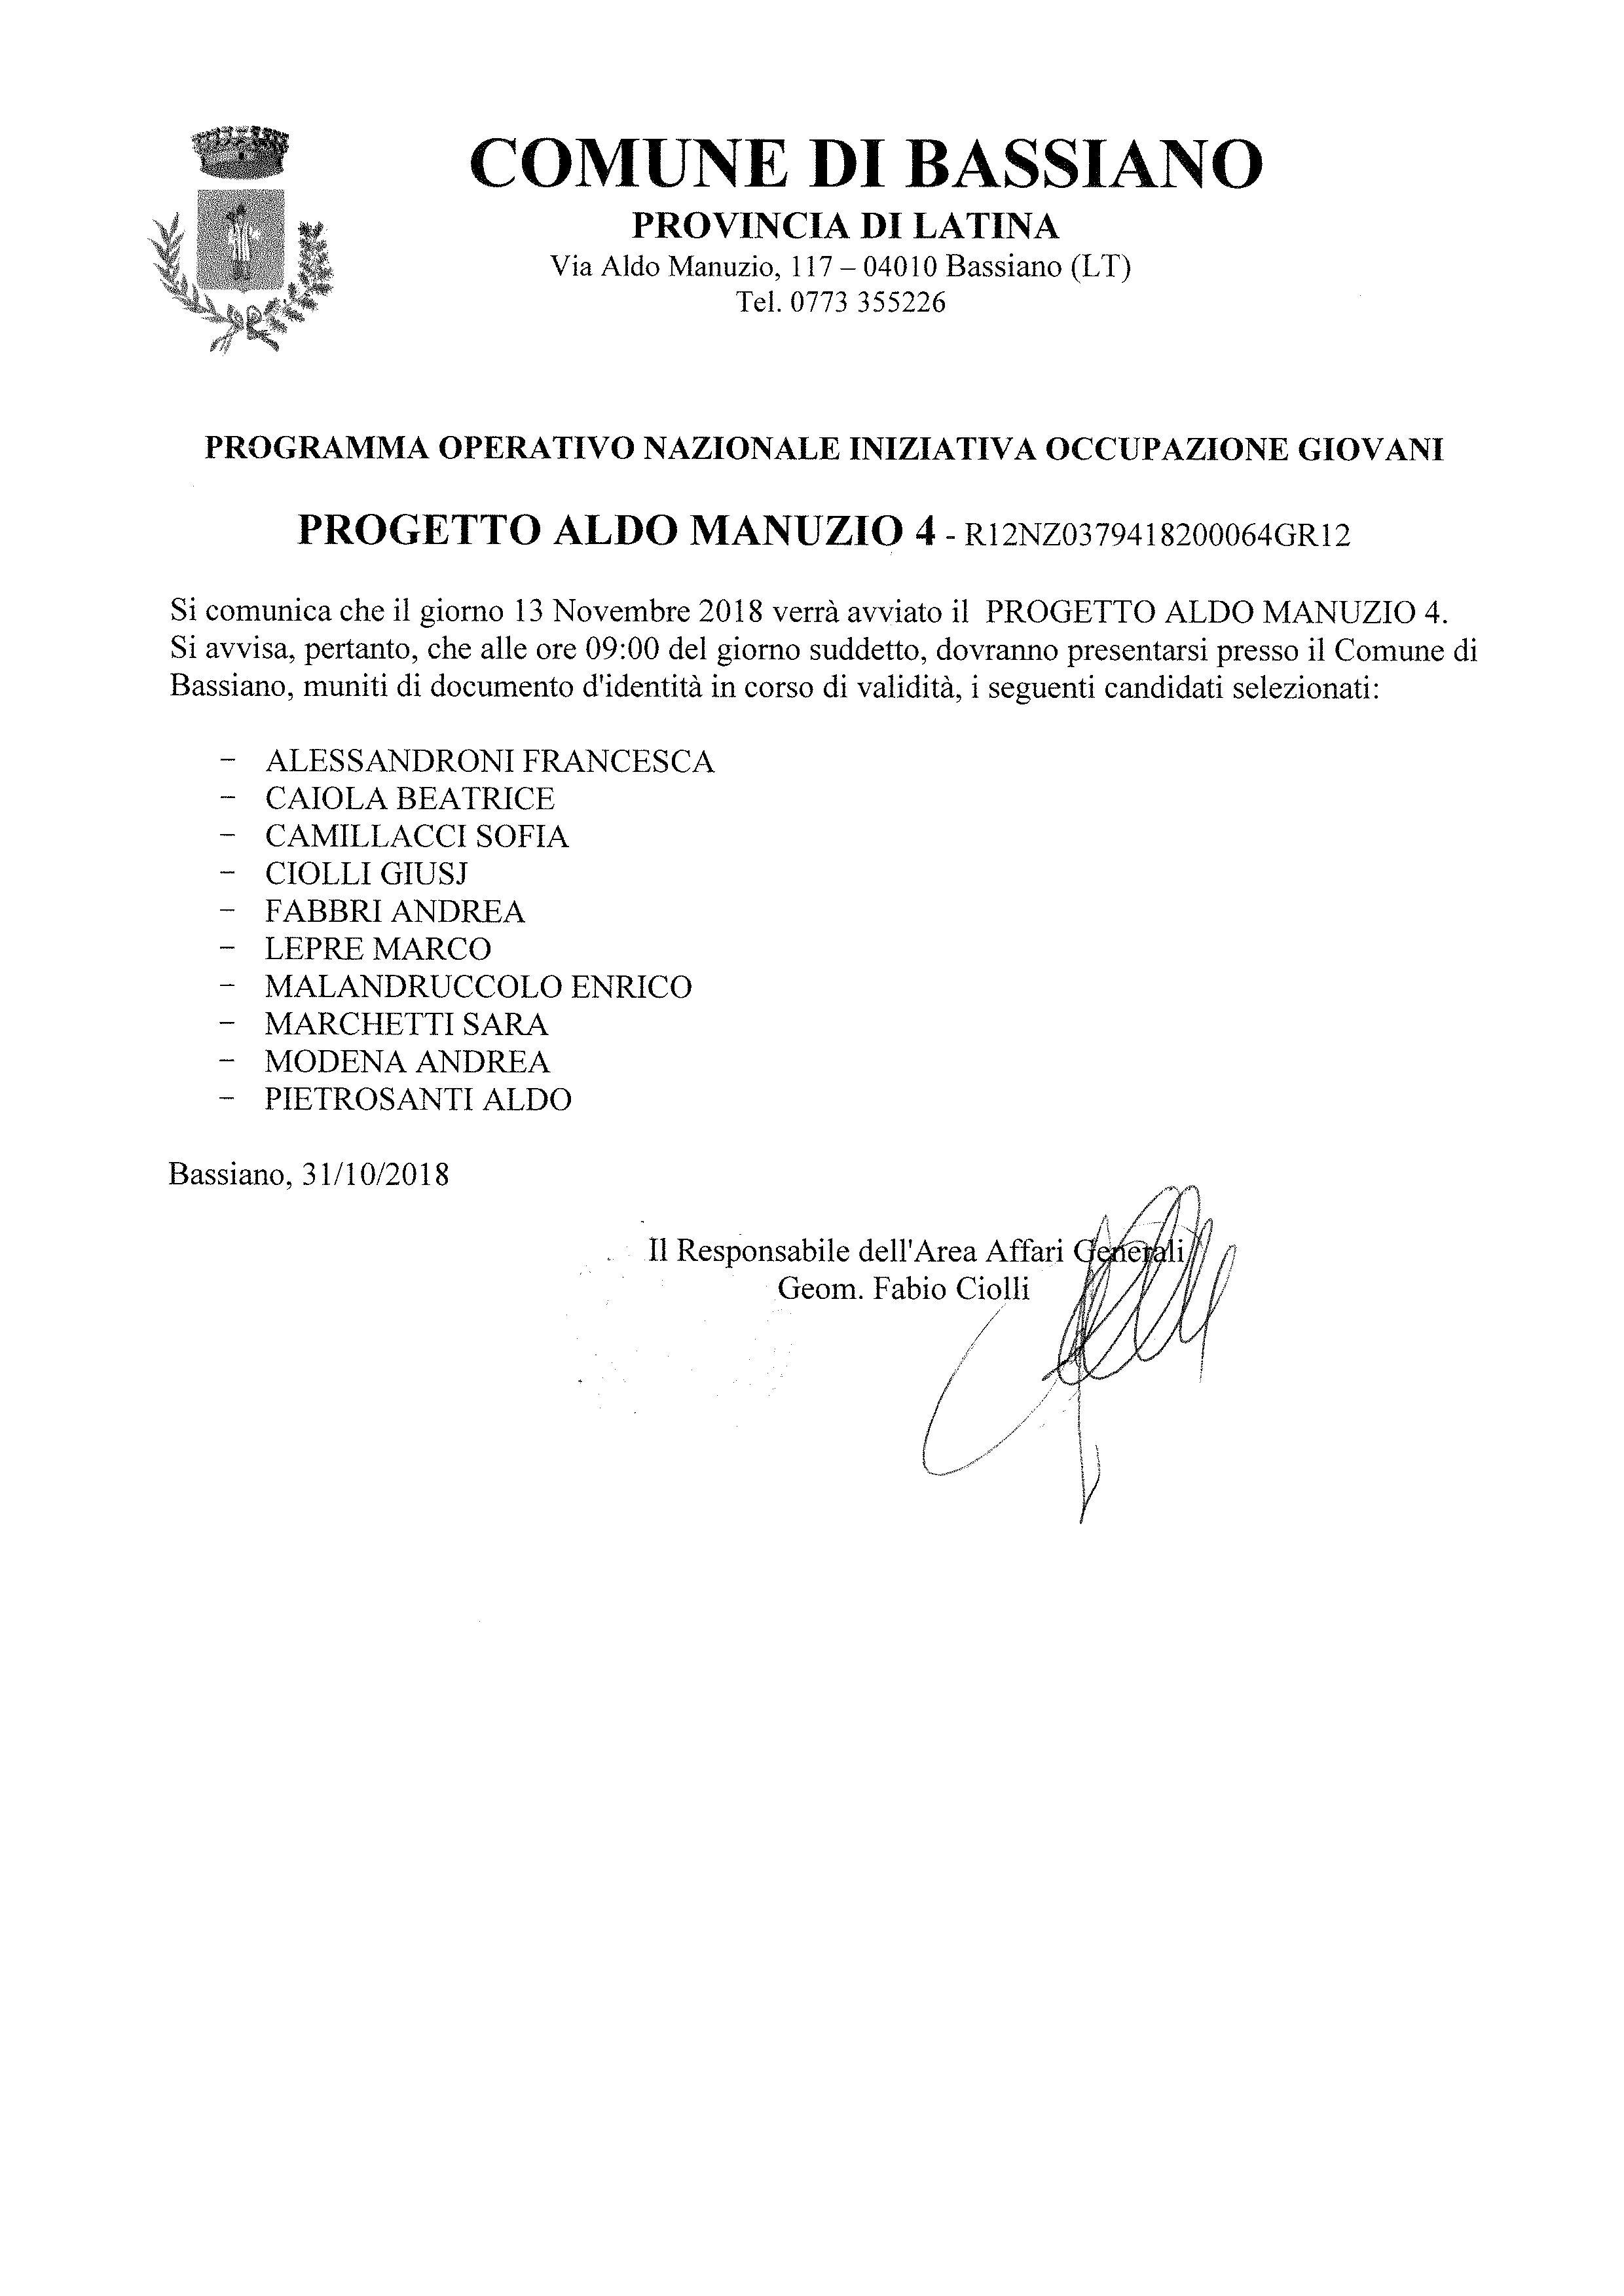 PROGRAMMA OPERATIVO NAZIONALE INIZIATIVA OCCUPAZIONE GIOVANI - PROGETTO ALDO MANUZIO 4 - INIZIO PROGETTO 13 NOVEMBRE 2018 - CONVOCAZIONE